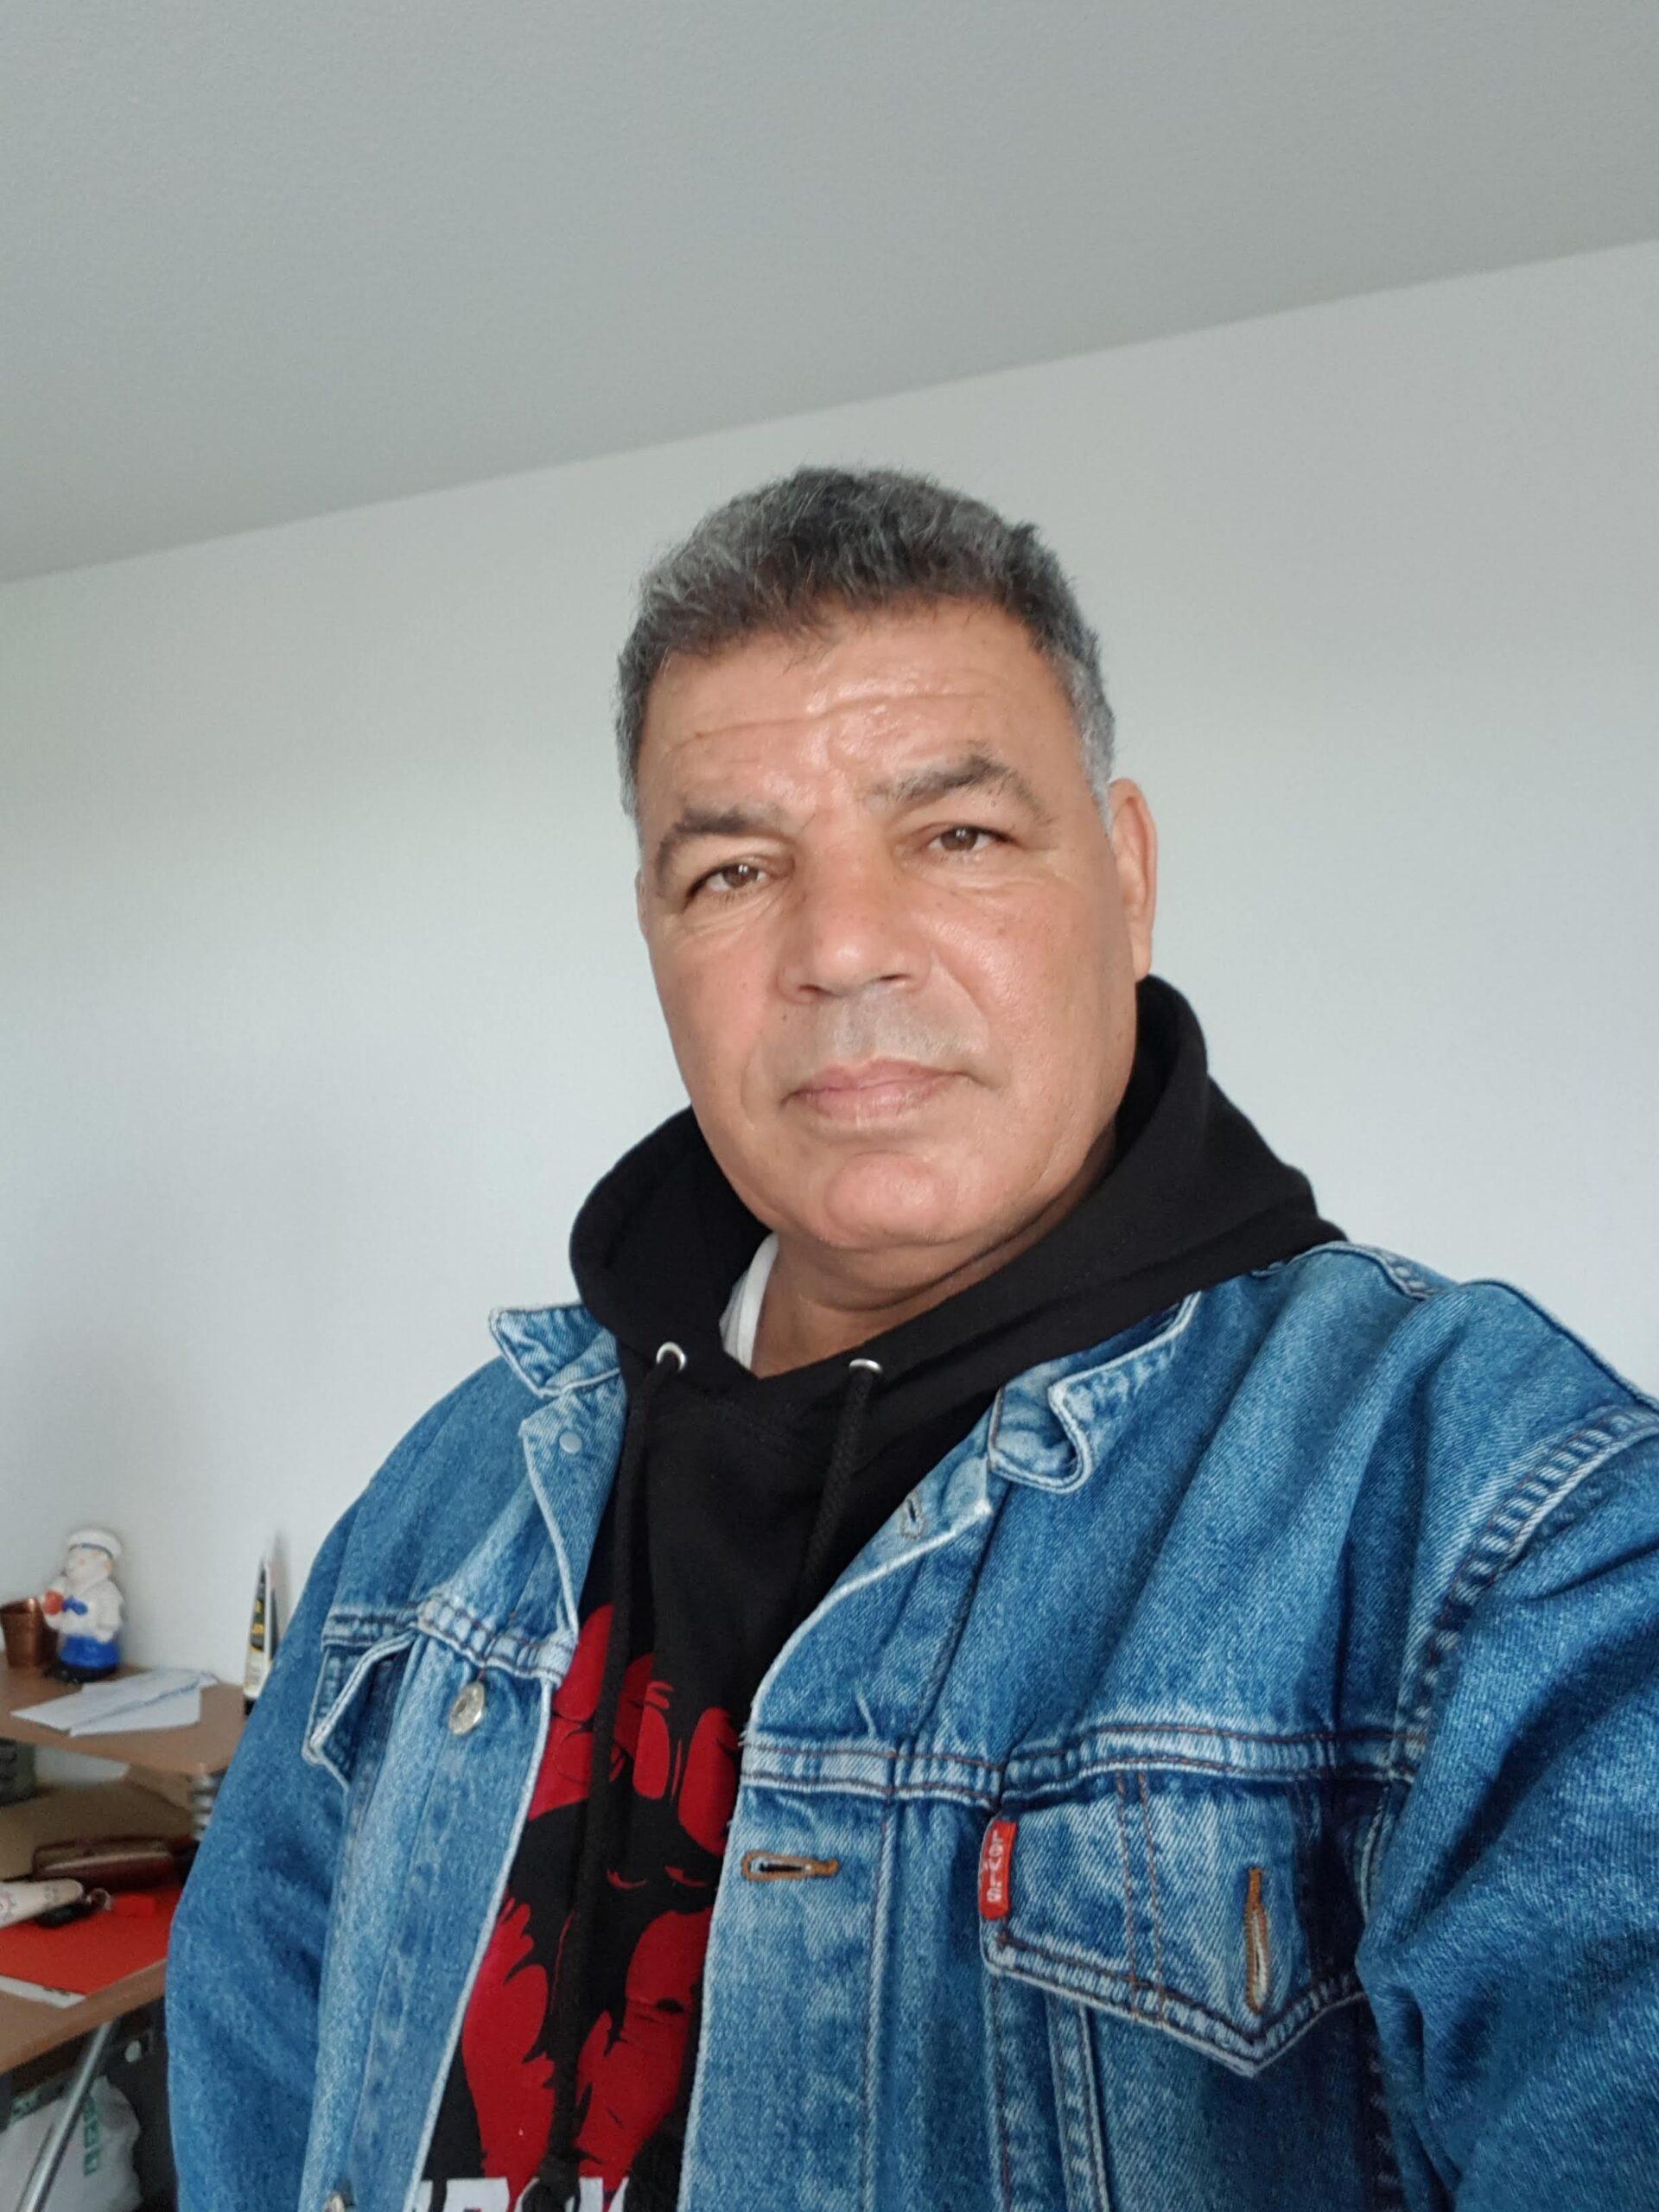 شَجَرتِي الطَّمْيَائِيَّة تَسِيلُ دَماً/  بقلم:رعري عبد اللطيف /فرنسا